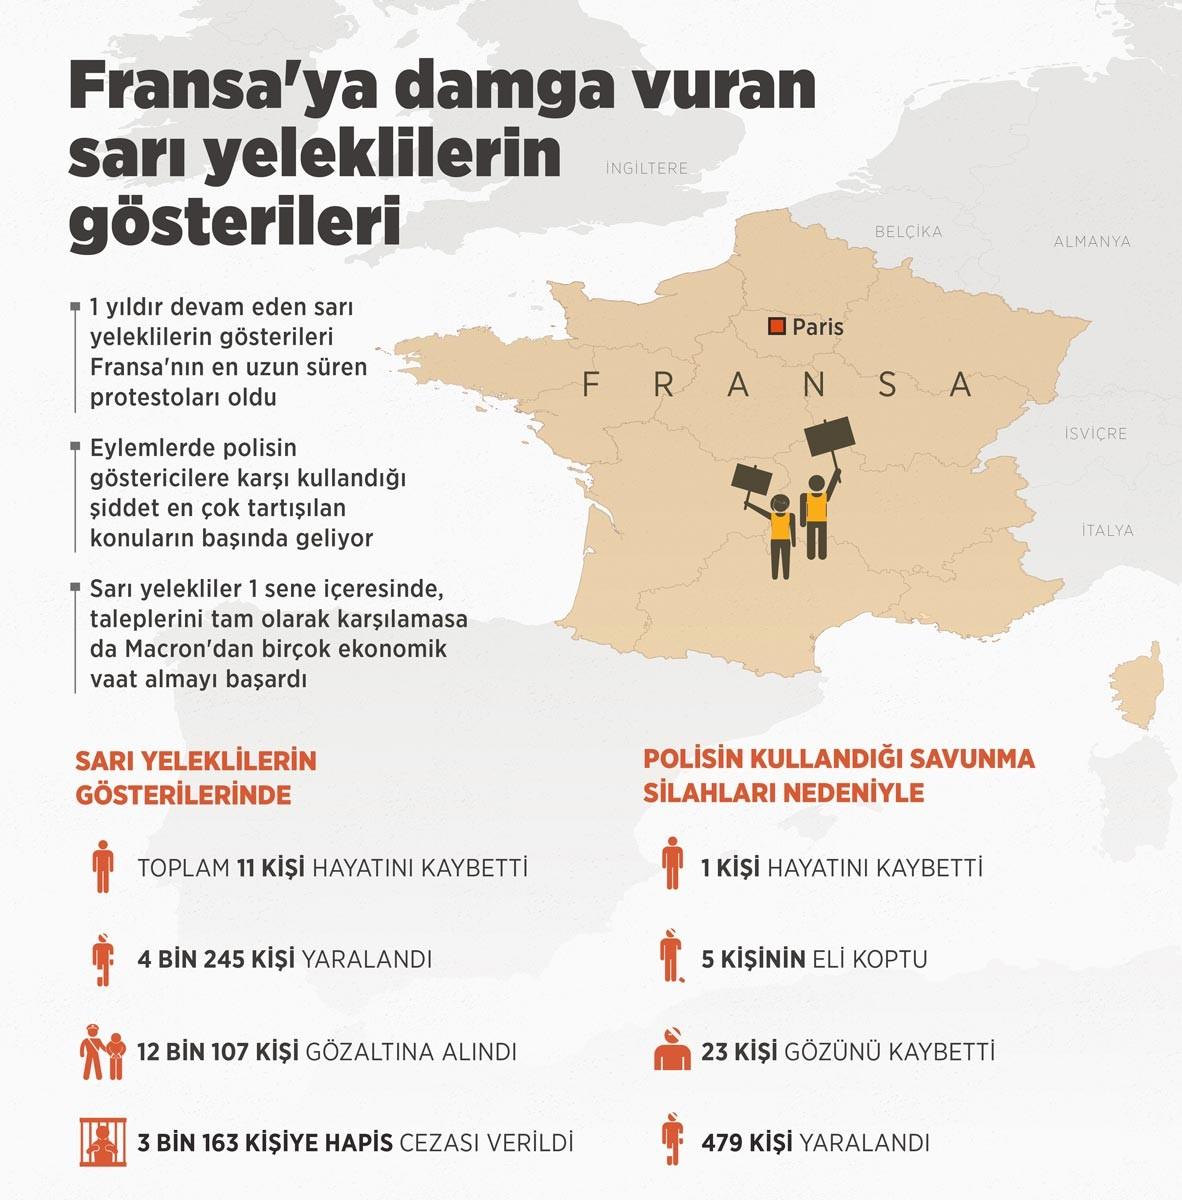 Sarı yeleklilerin 1 yıldır süren eylemleri ile ilgili bilgi veren infografik